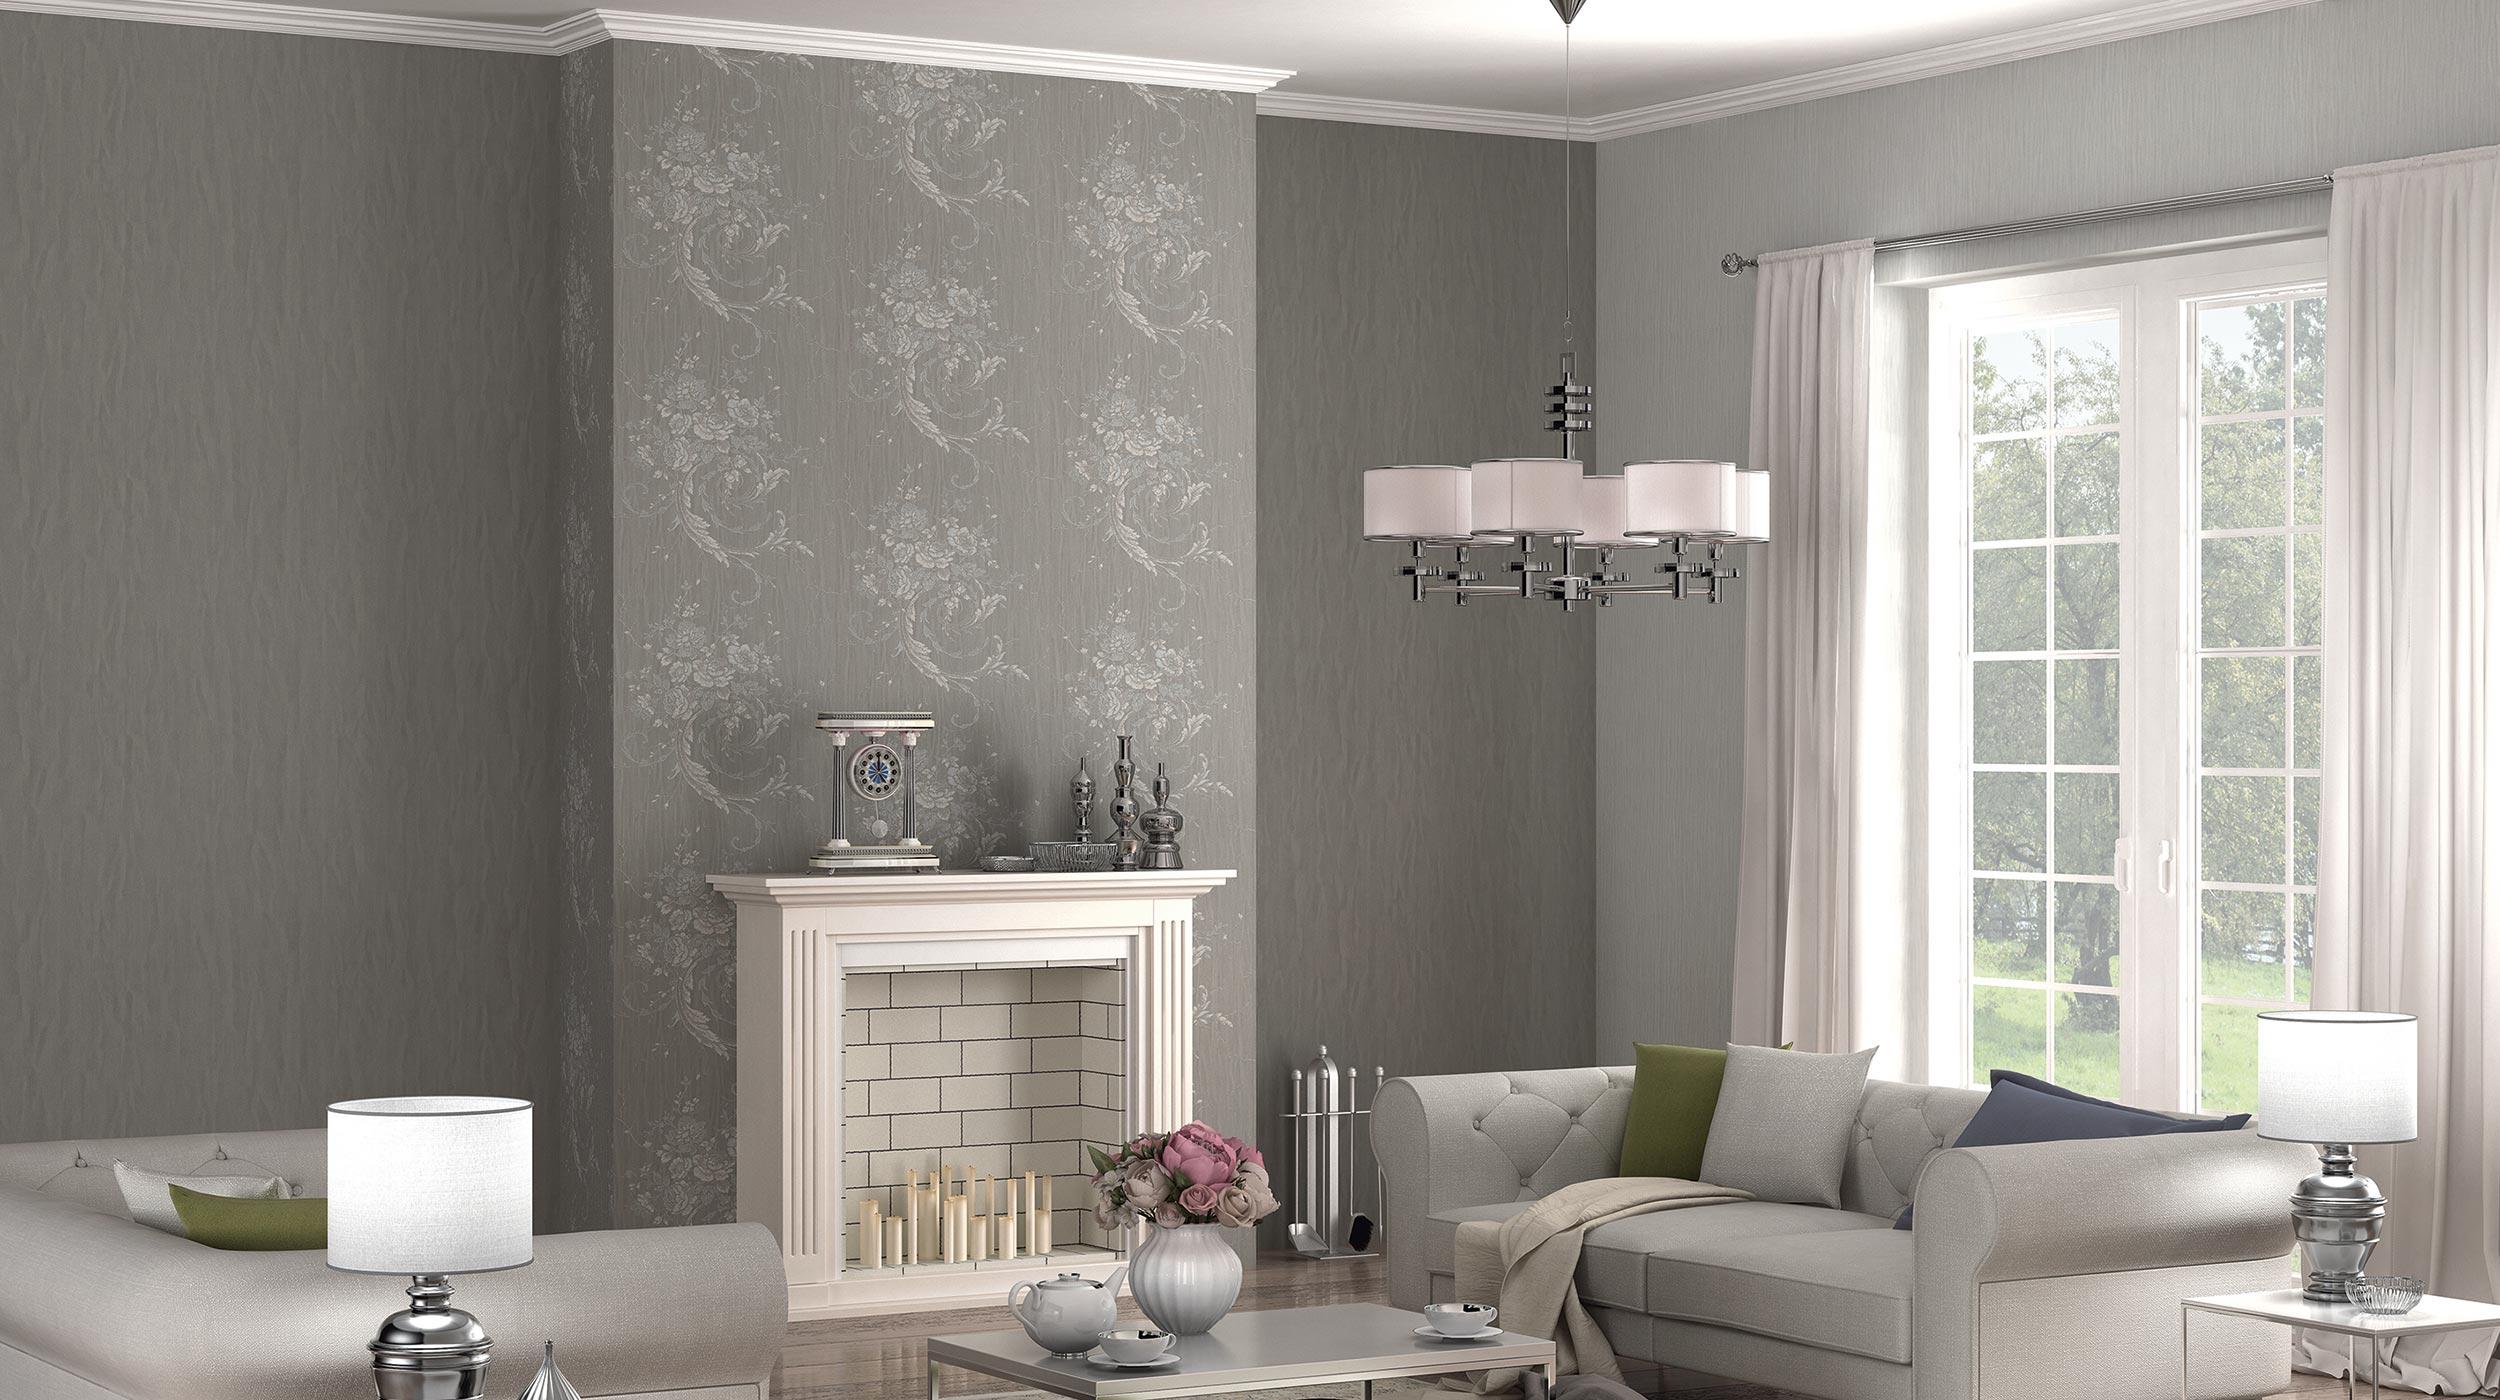 exklusive tapeten eleganza 2015 2 jpg erismann cie gmbh. Black Bedroom Furniture Sets. Home Design Ideas